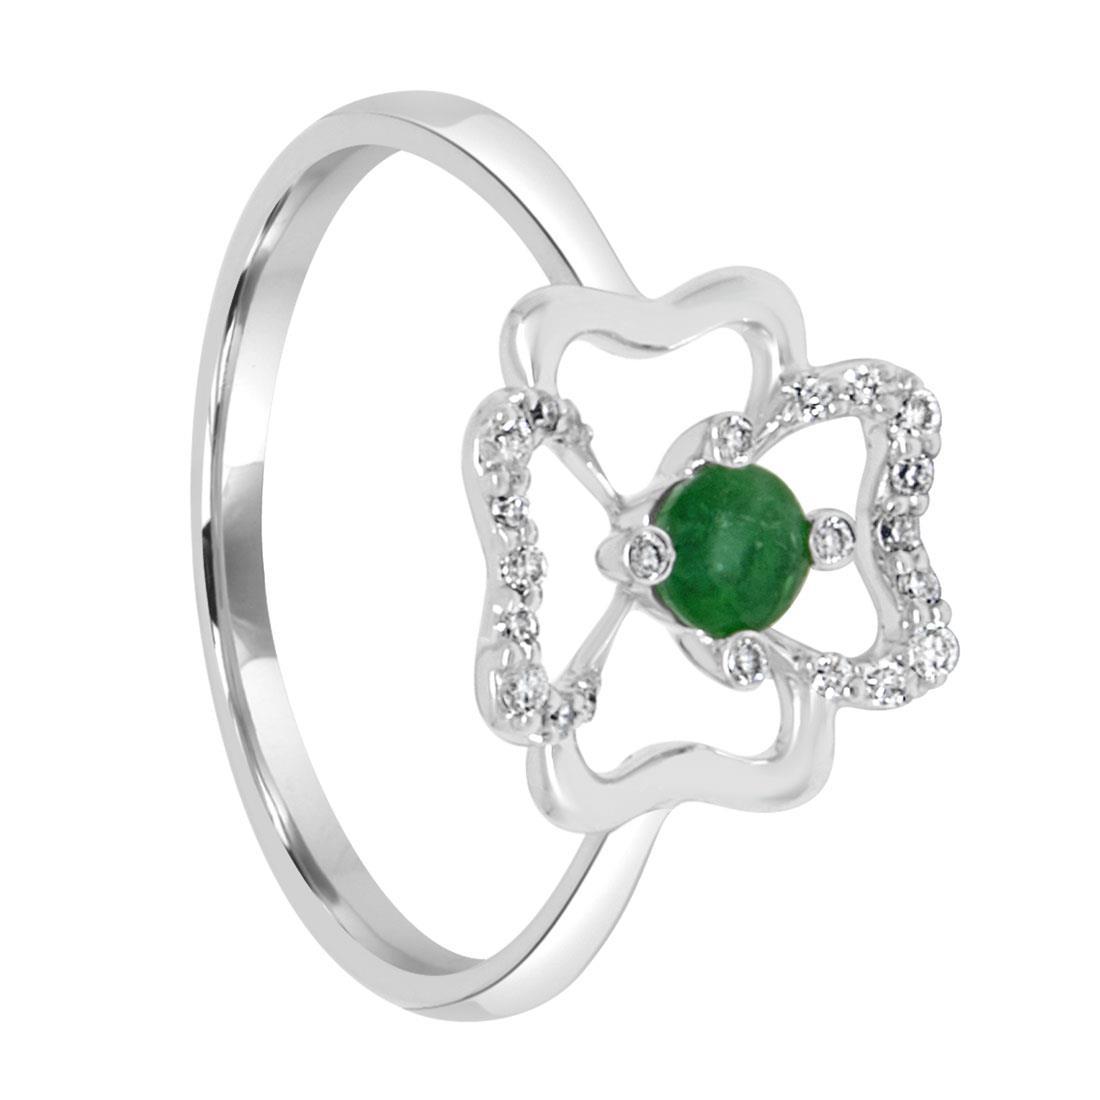 Anelloin oro bianco con diamanti e smeraldo - BLISS